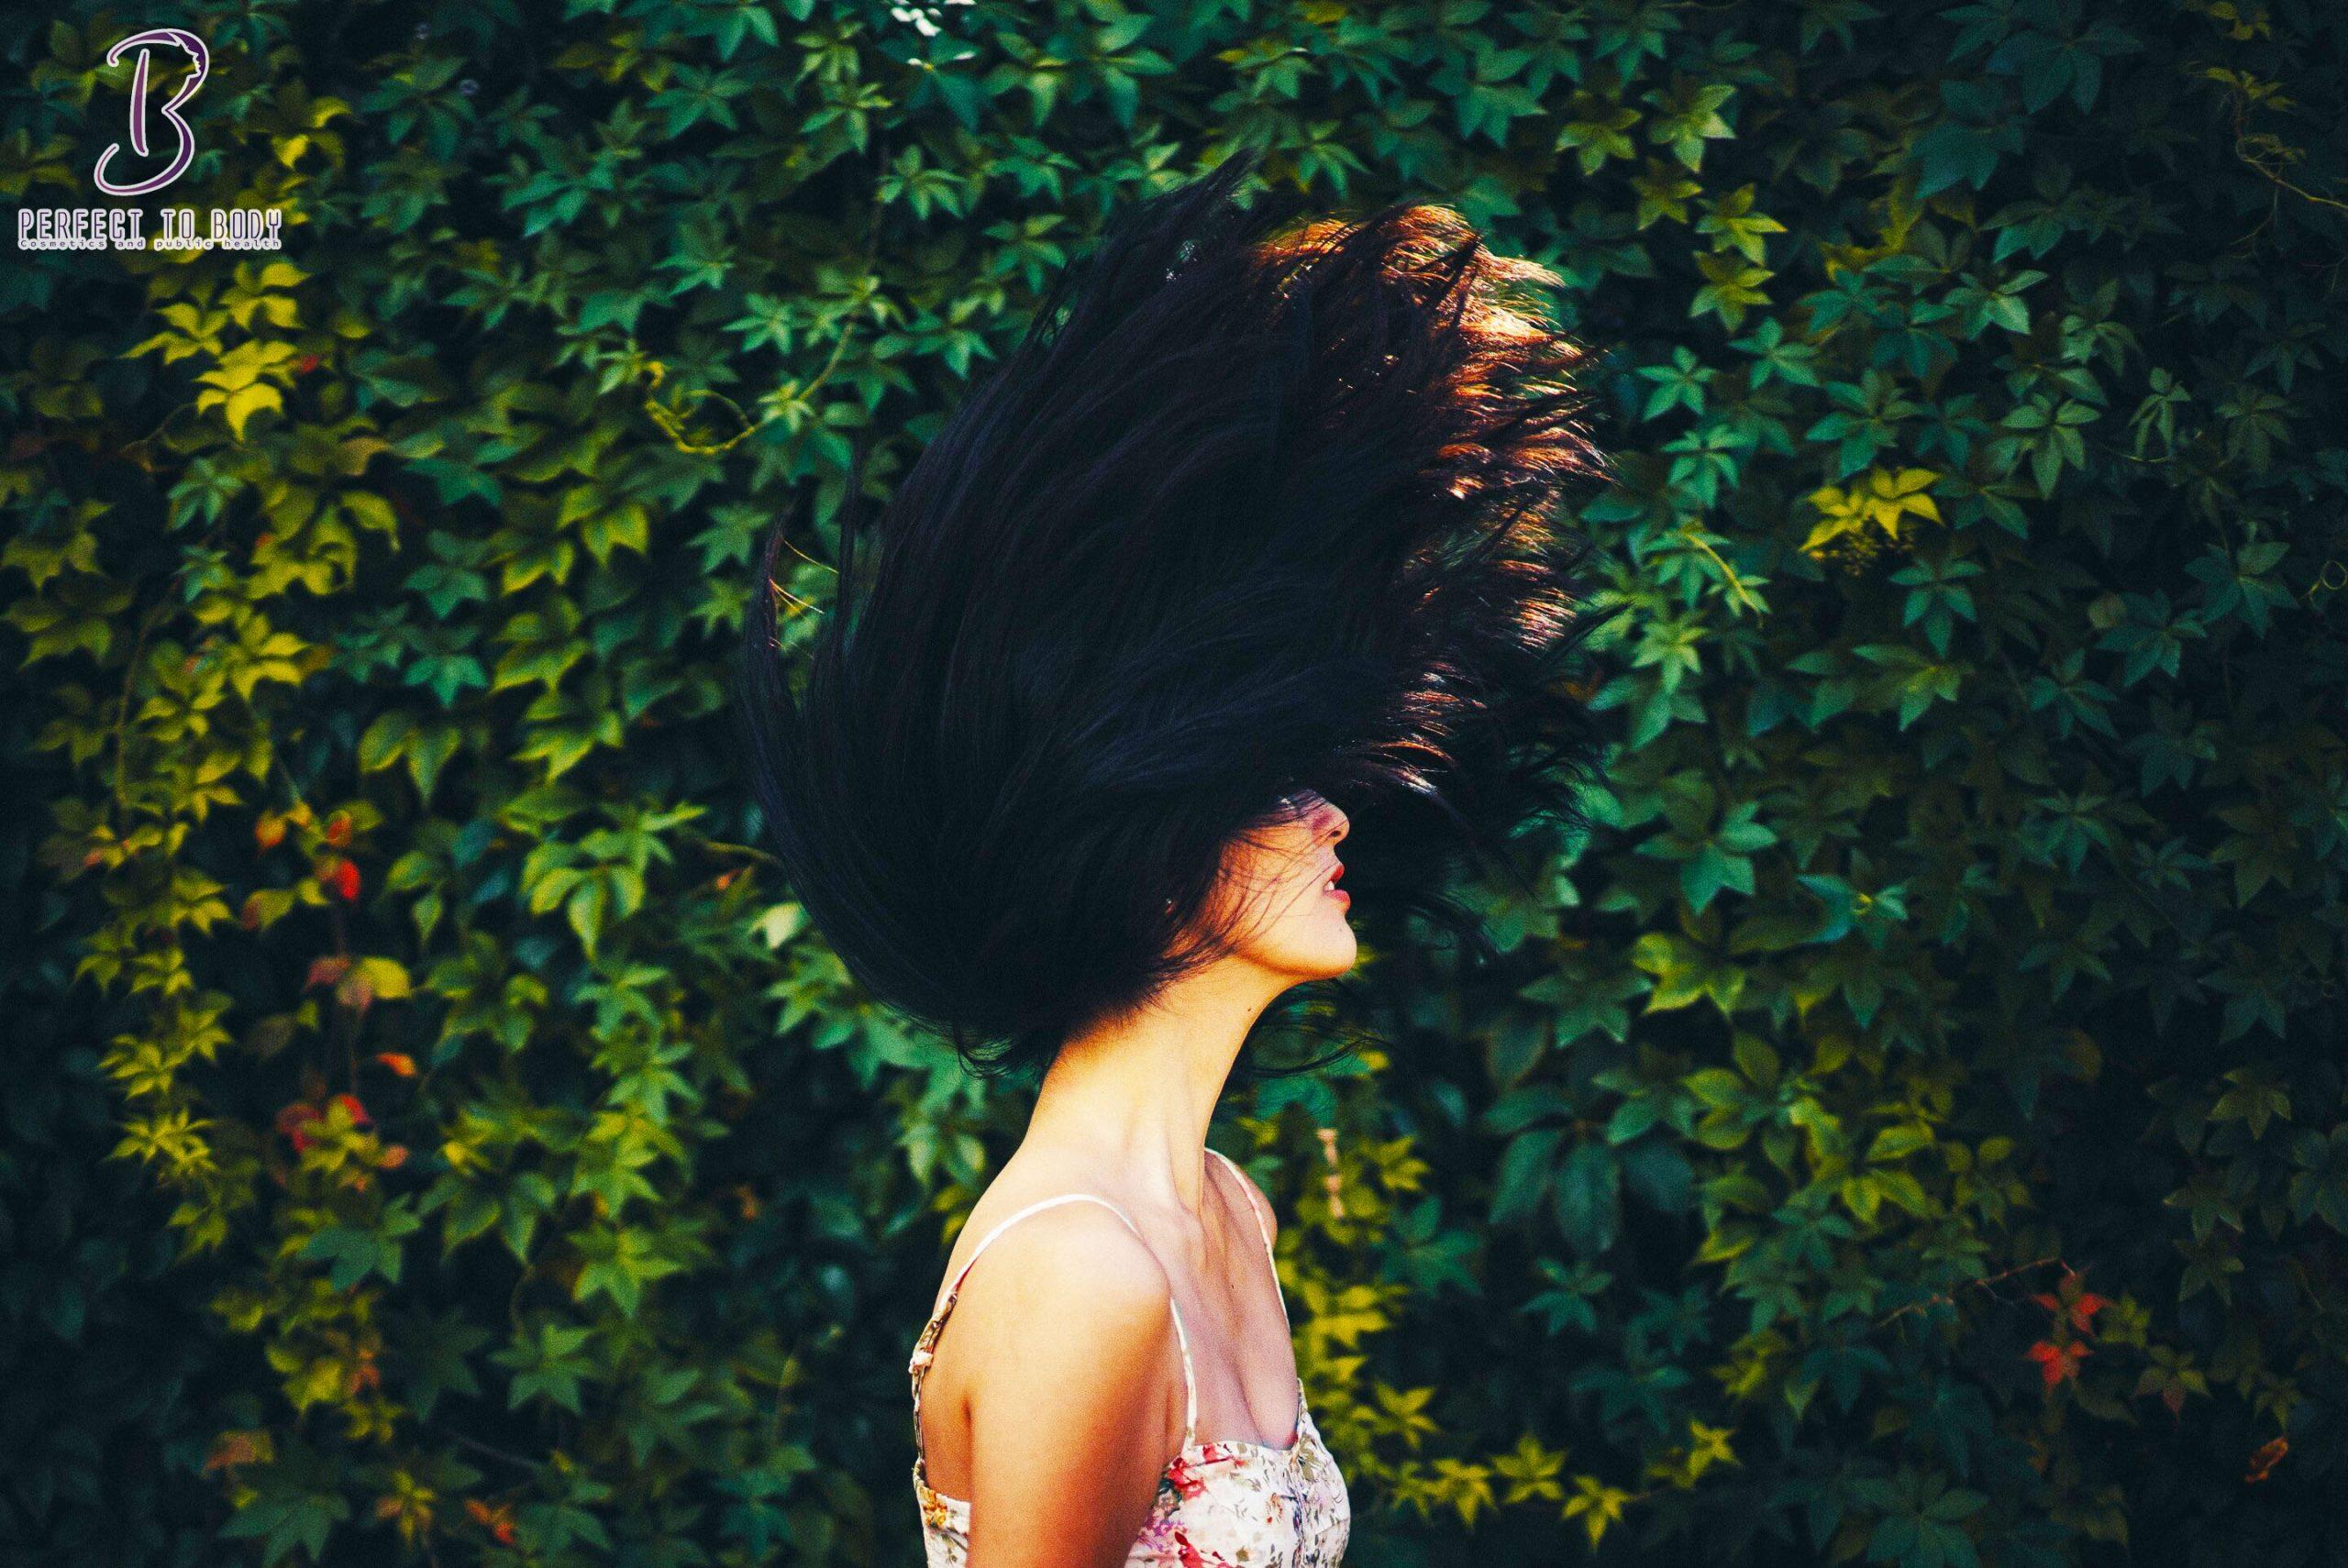 ما هي مسامية الشعر المنخفضة ؟ - برفكت توبادي perfect2body.com